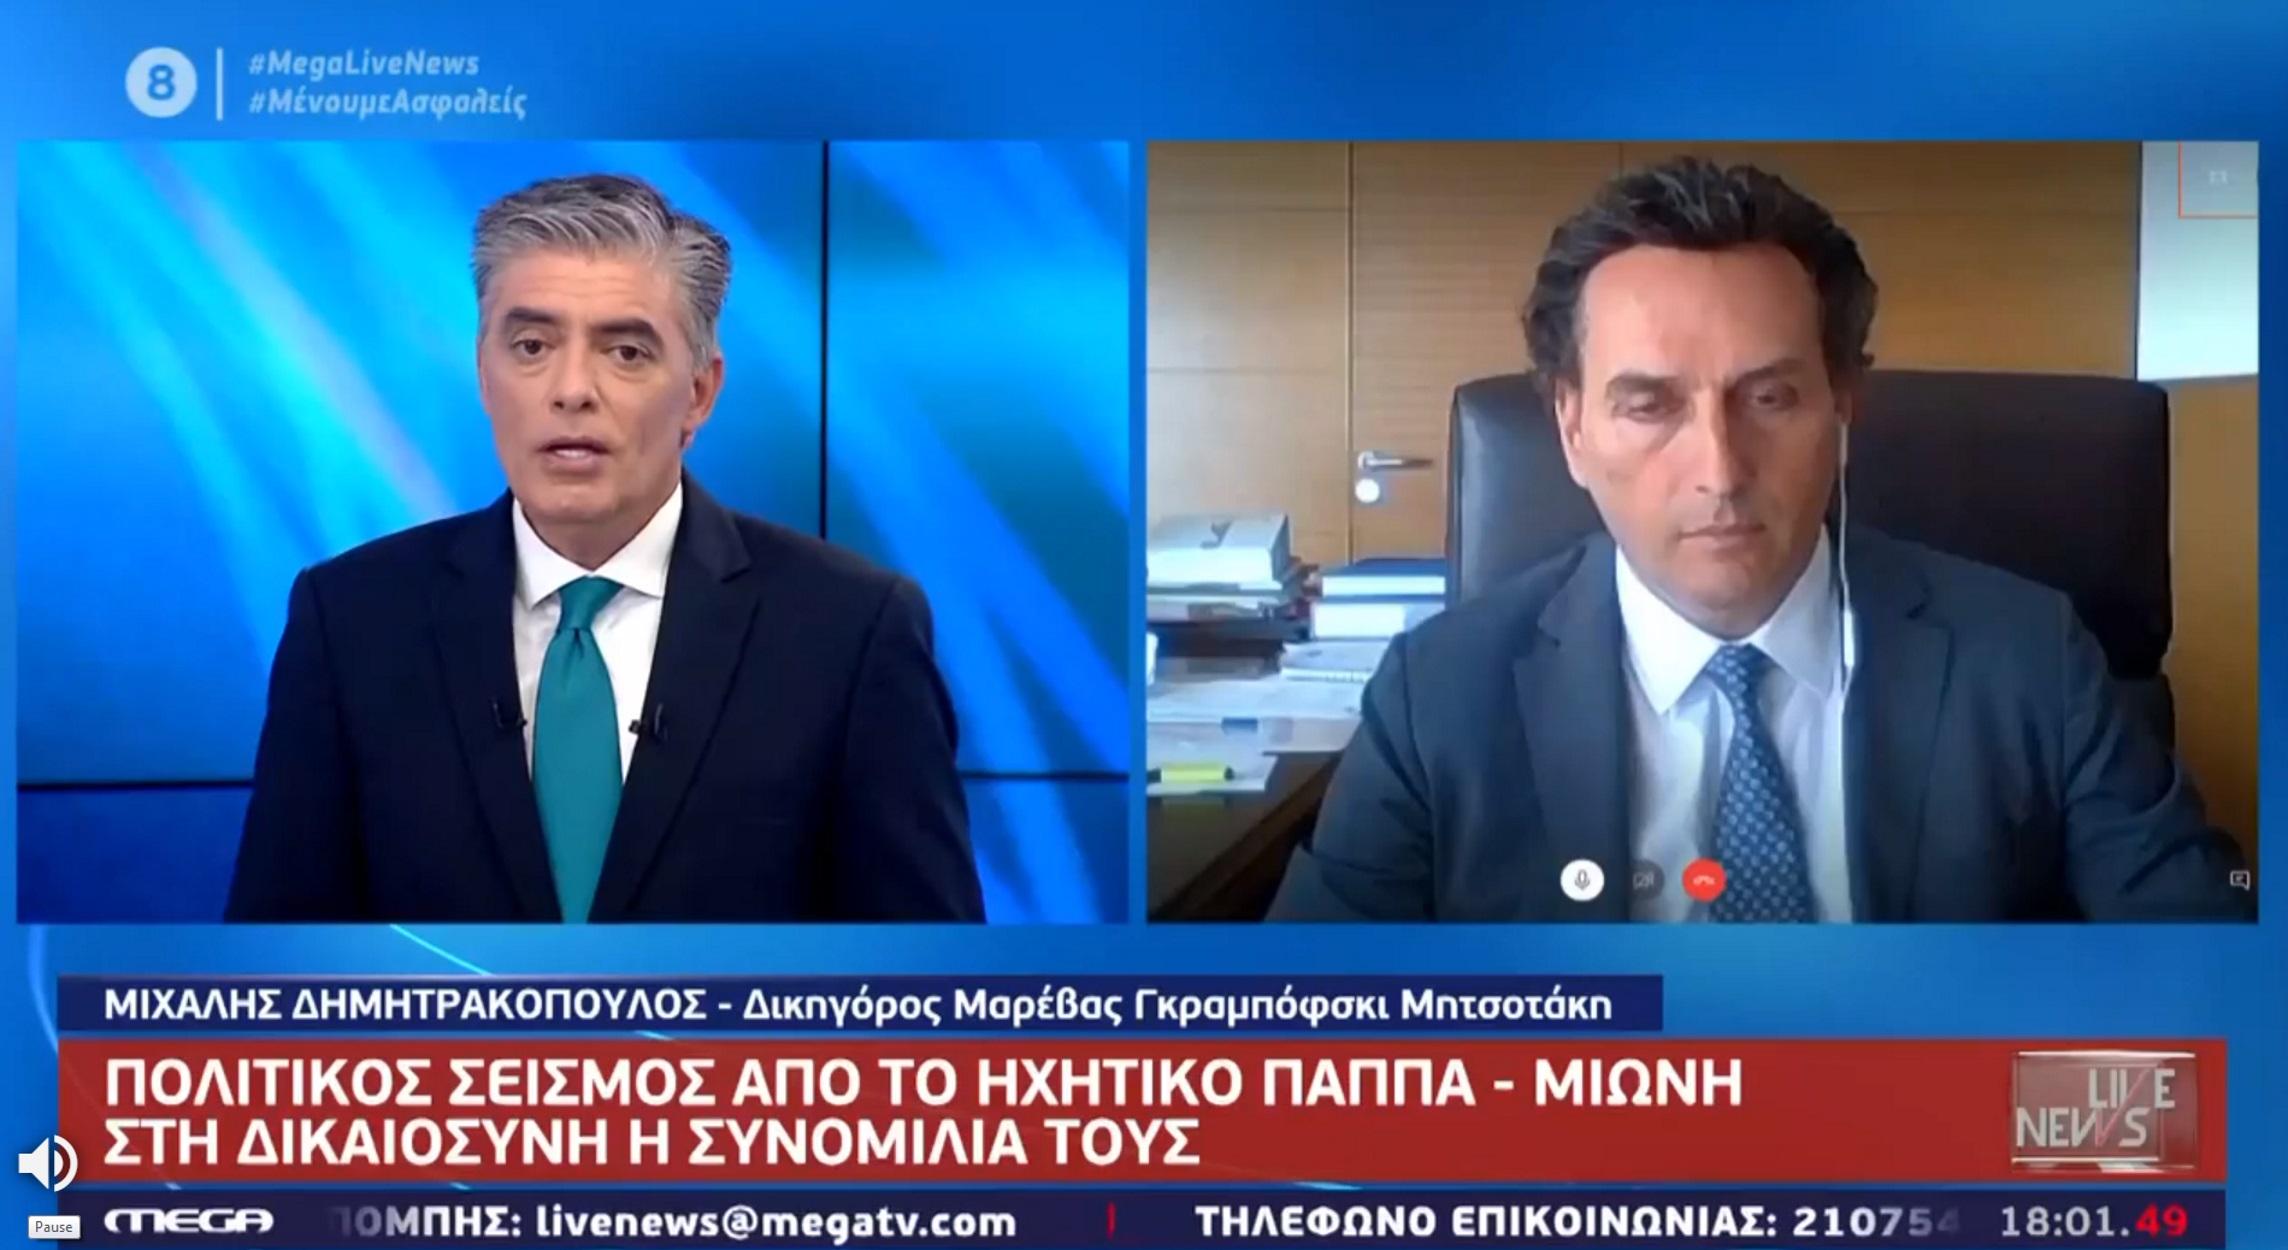 Δικηγόρος Μαρέβας Γκραμπόφσκι κατά Παππά: Απαράδεκτη στοχοποίηση της συζύγου του πρωθυπουργού (video)